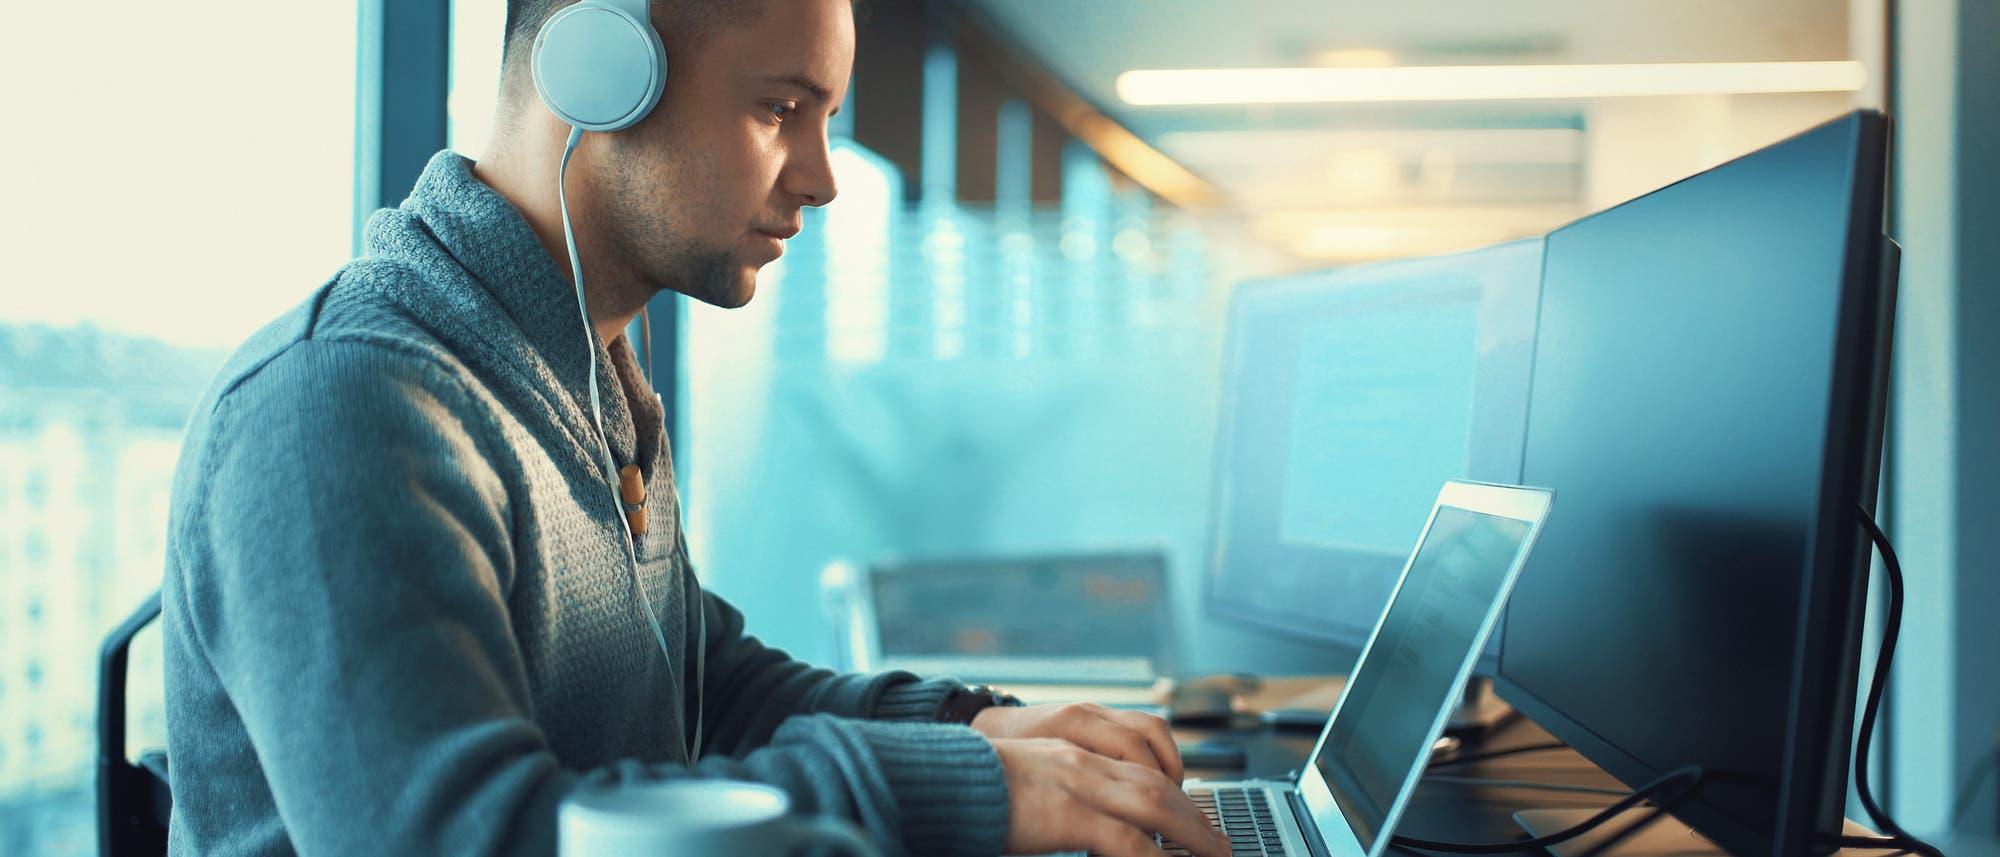 Mann mit Kopfhörer am Laptop